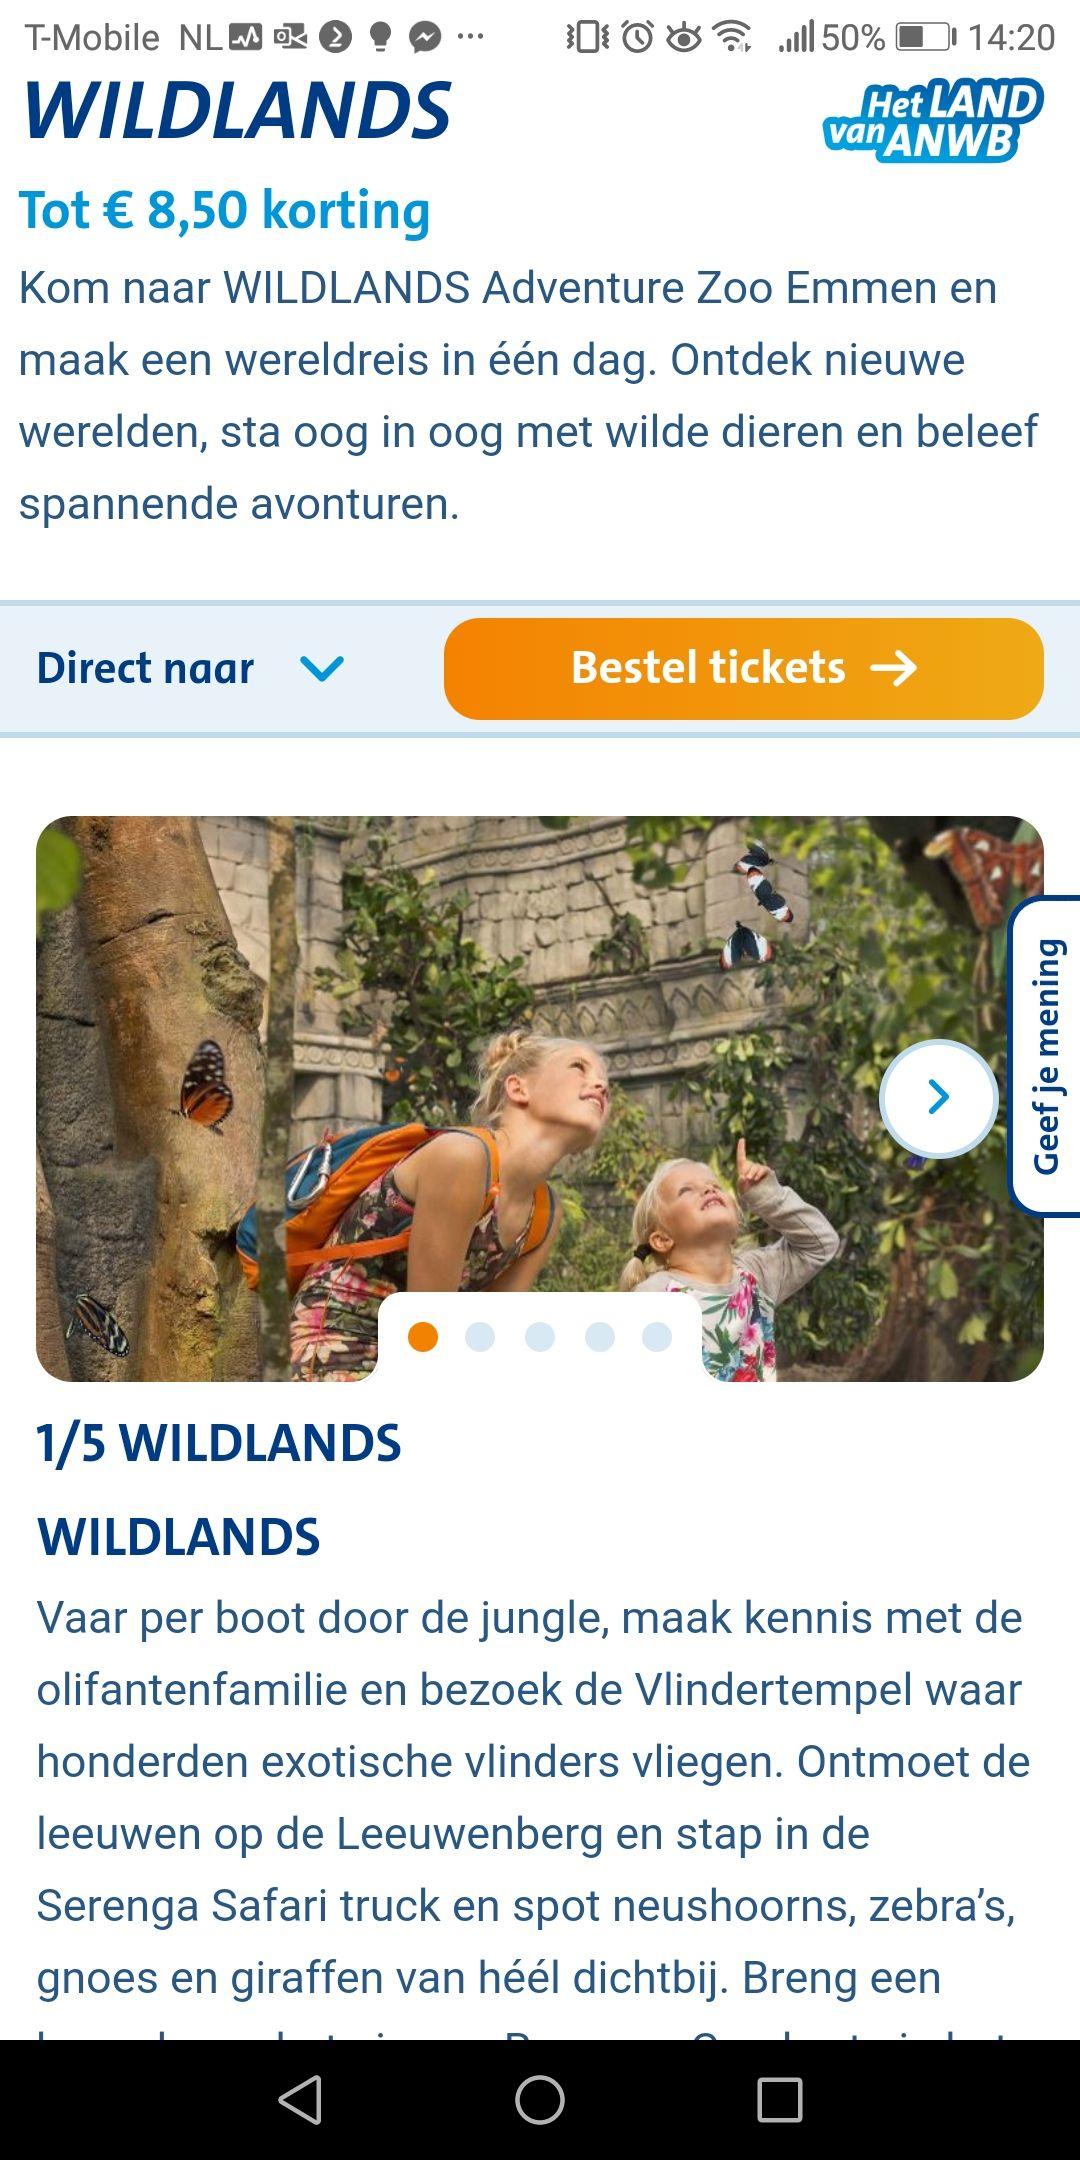 8,50 korting bij Wildlands